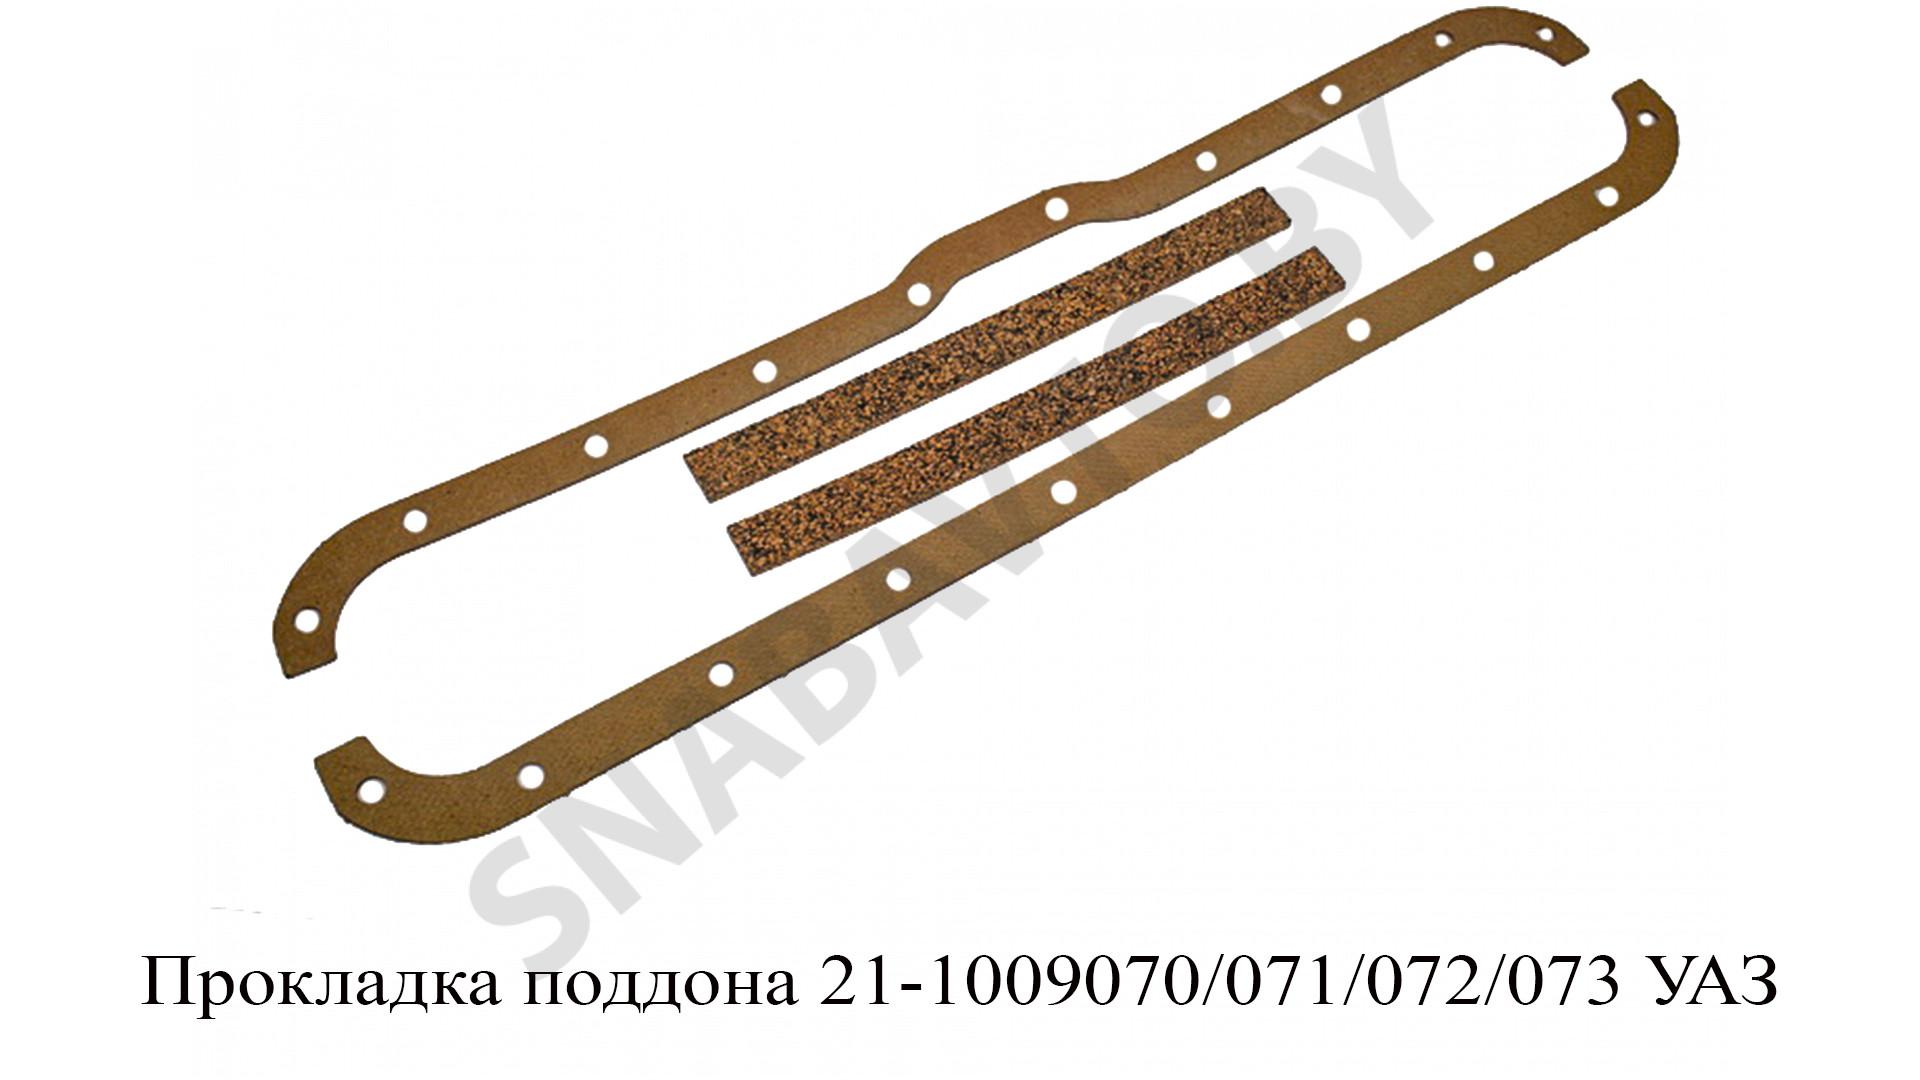 Прокладка поддона УАЗ